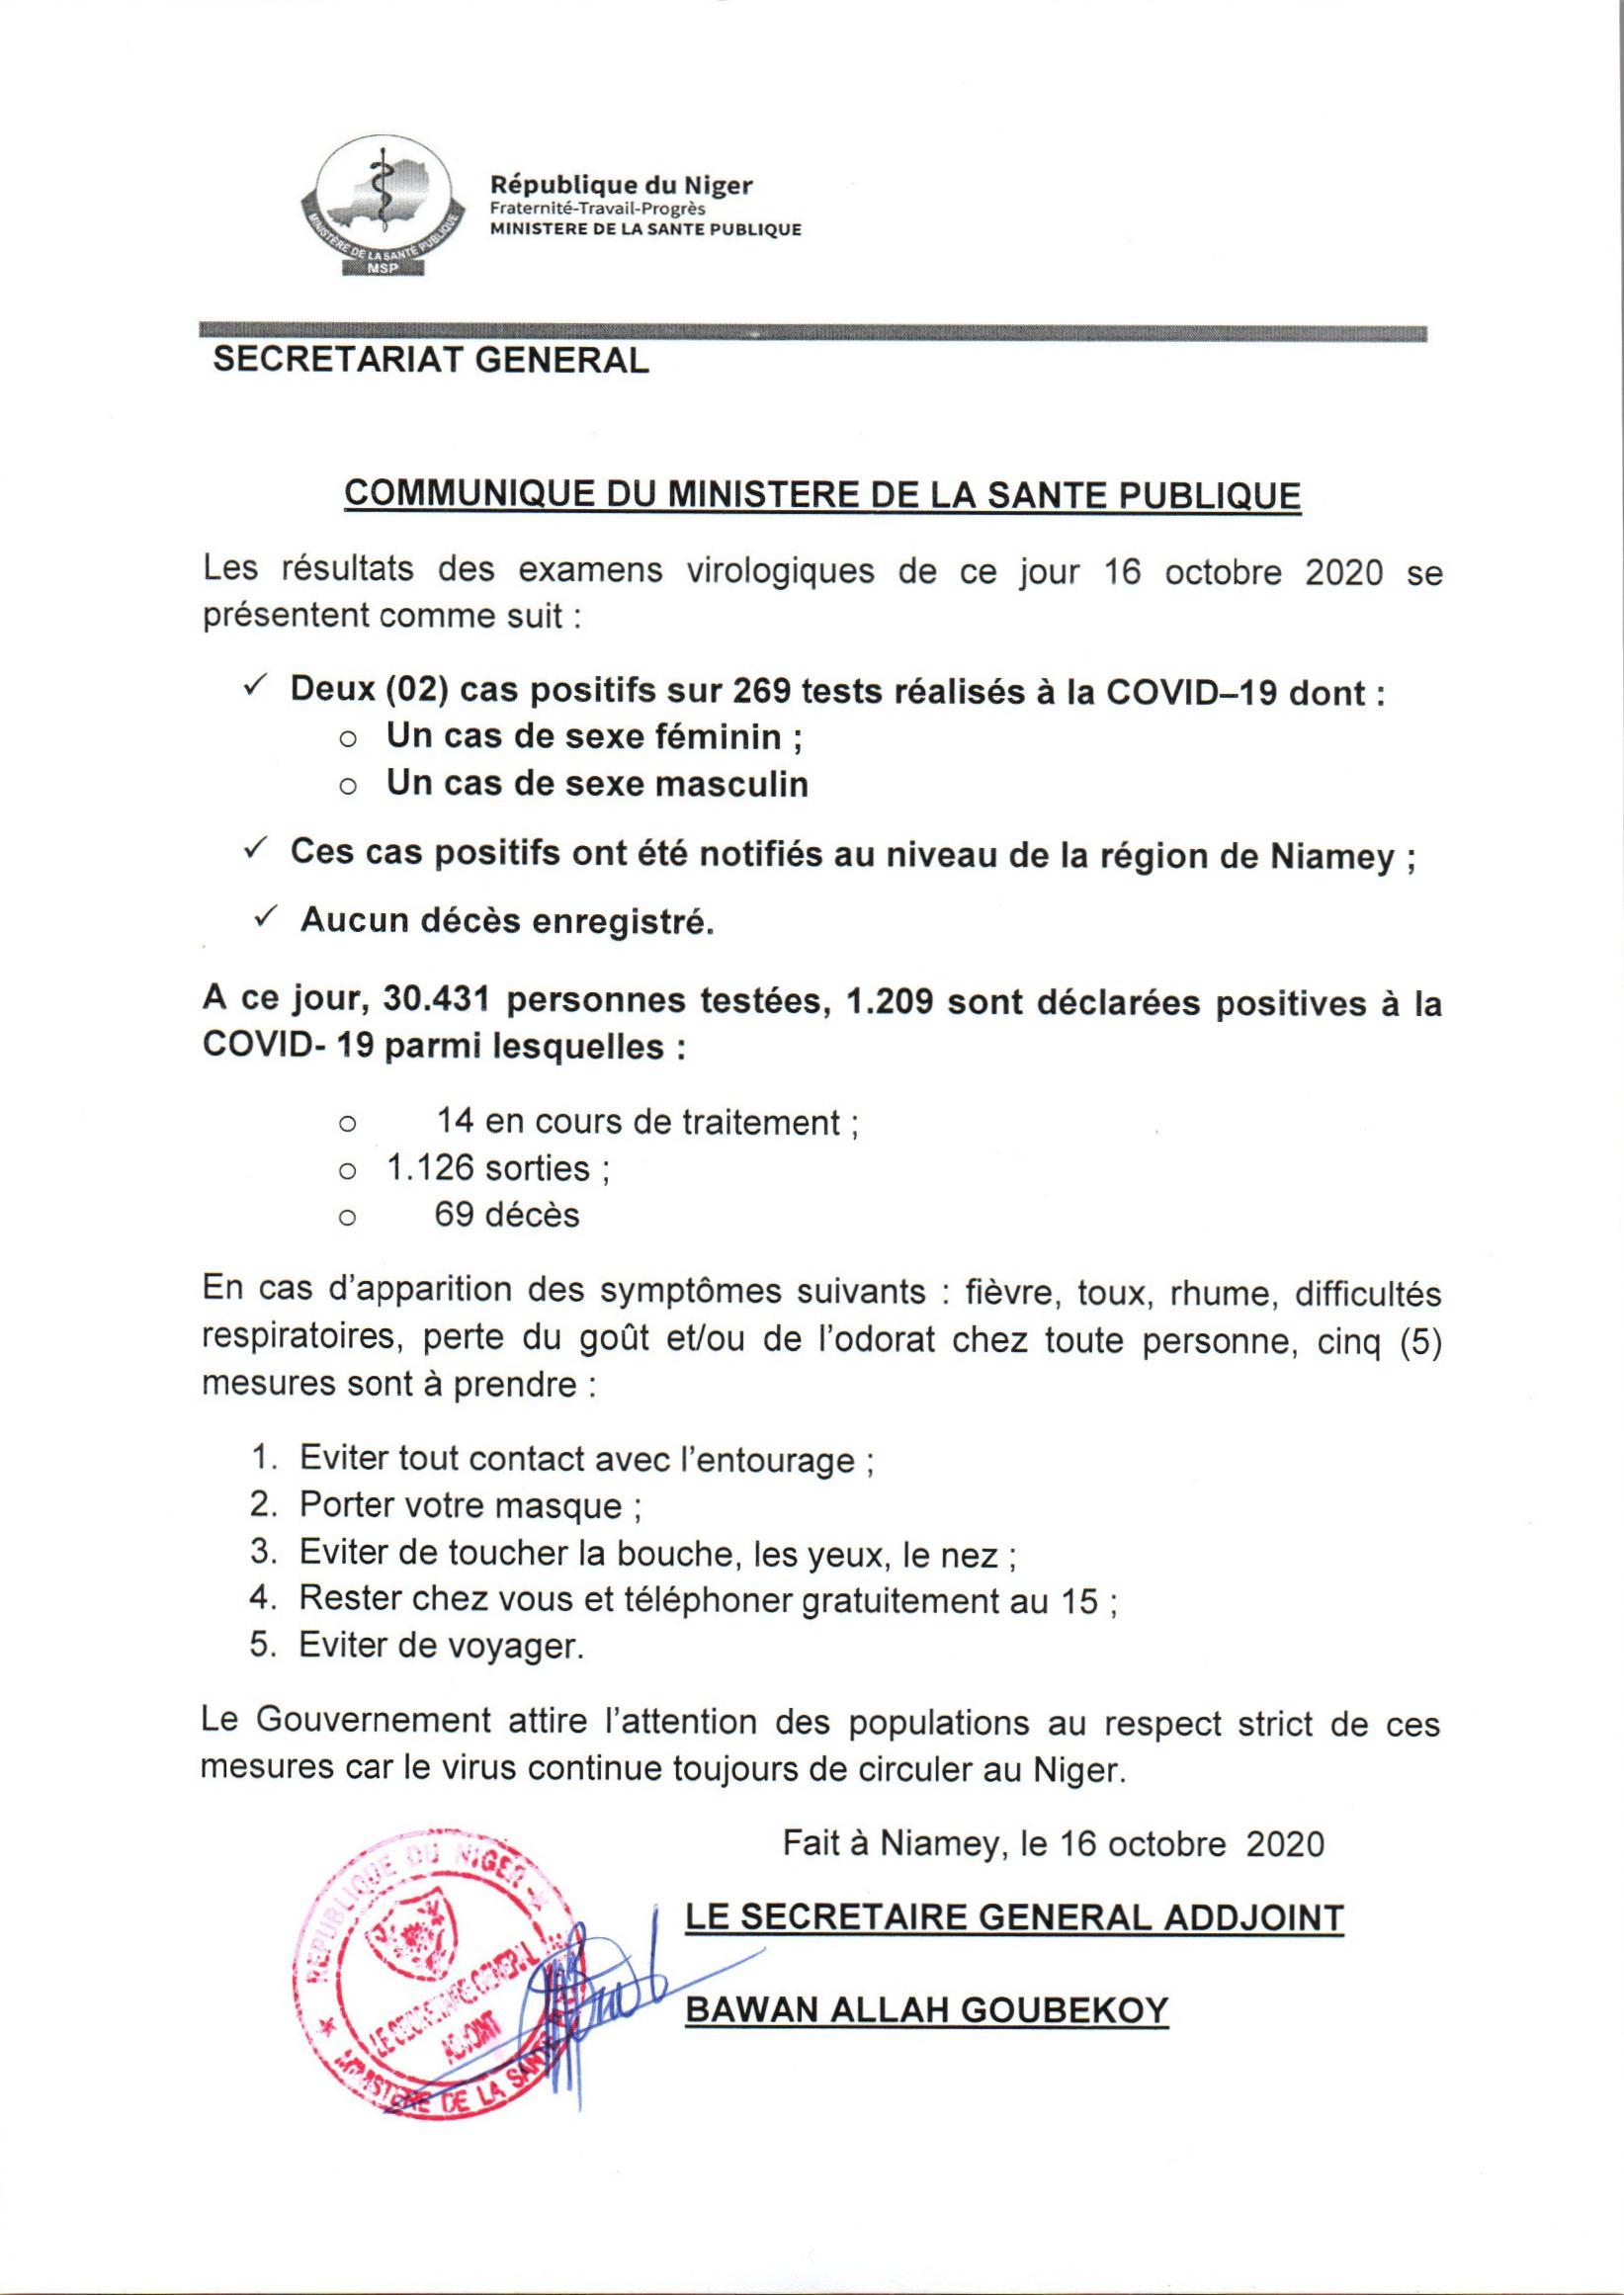 COMMUNIQUE DU MINISTÈRE DE LA SANTE DU 16-10-2020.